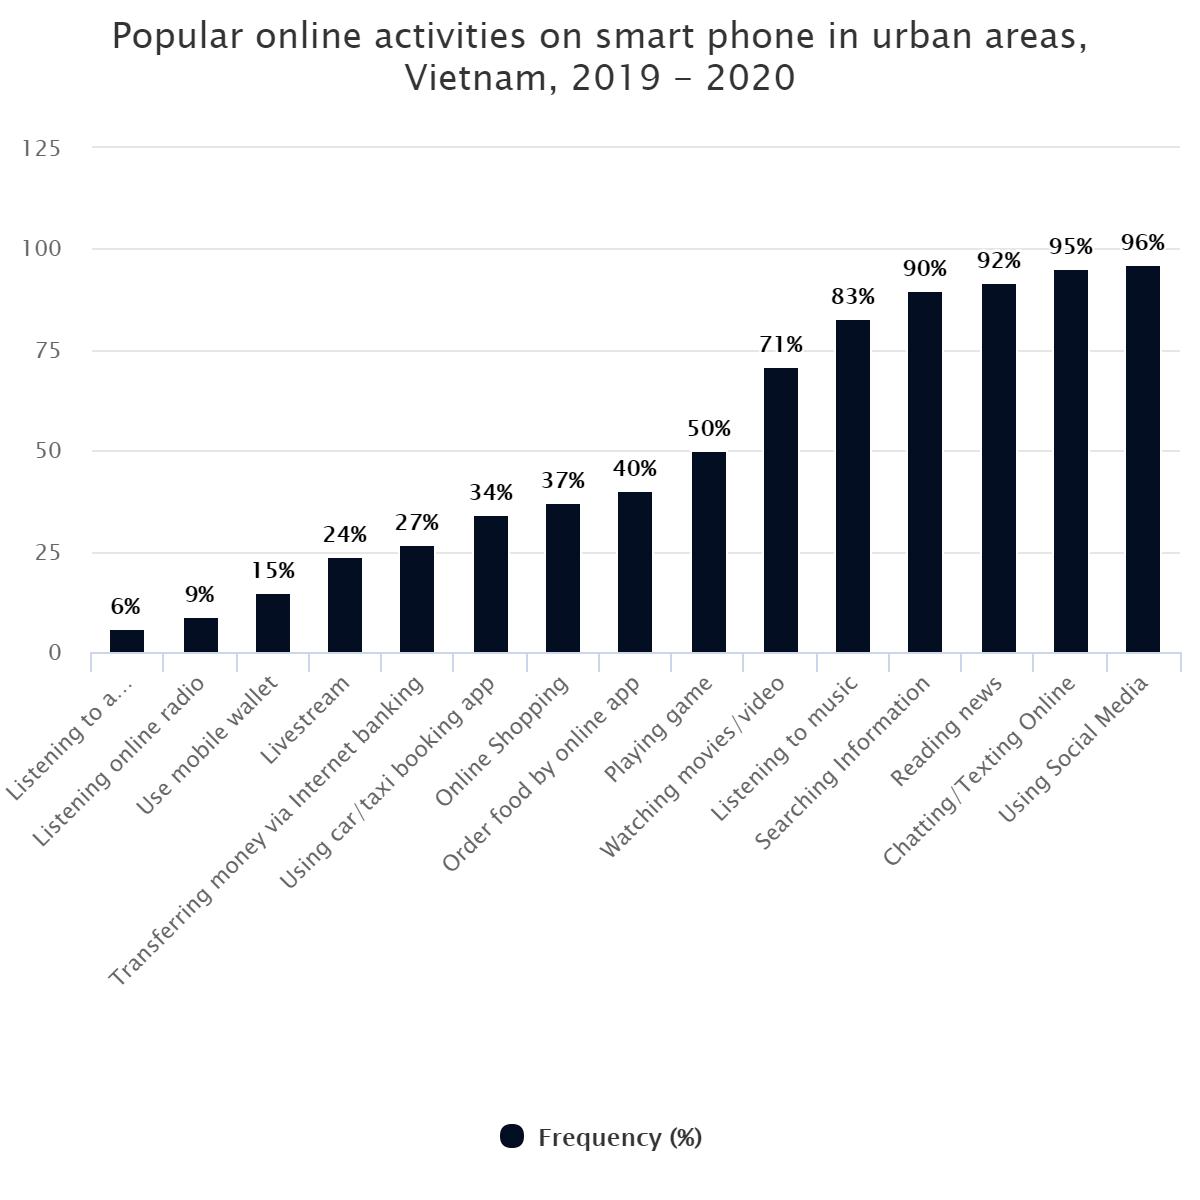 Popular online activities on smart phone in urban areas, Vietnam, 2019 – 2020